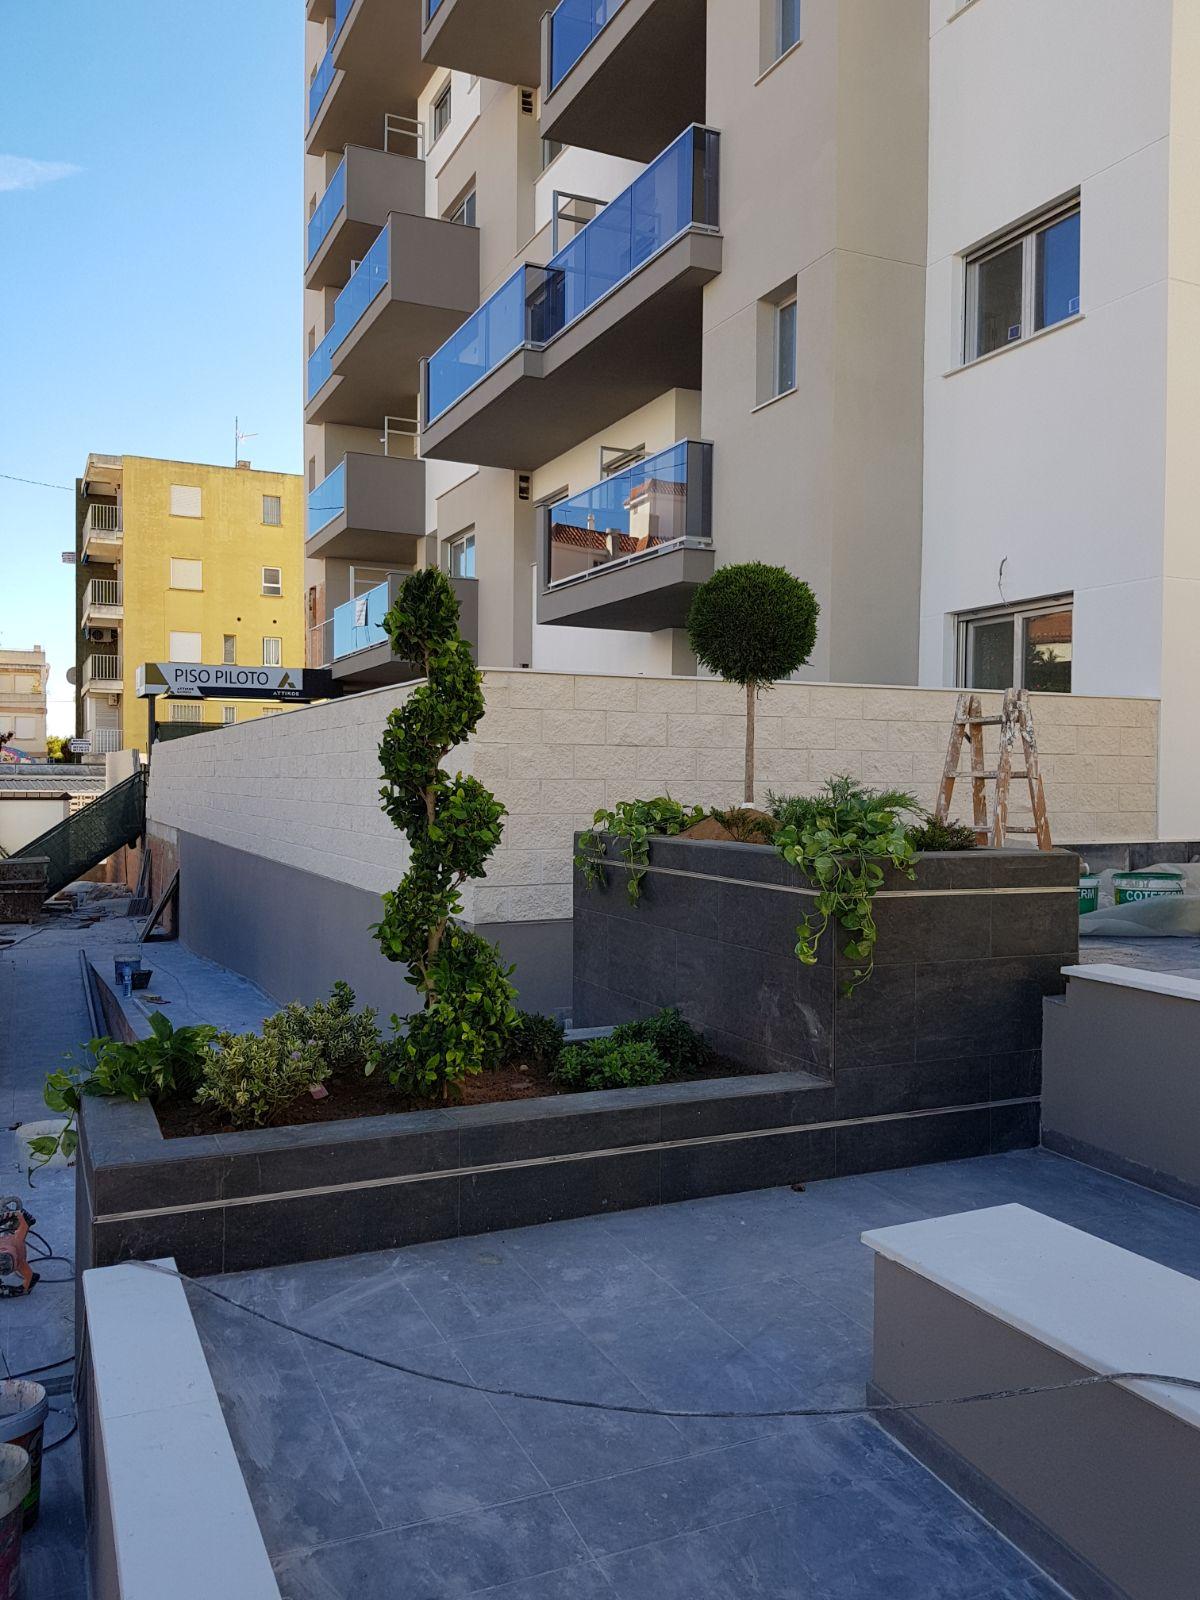 Detalle jardinería en los recorridos y zonas comunes del edificio